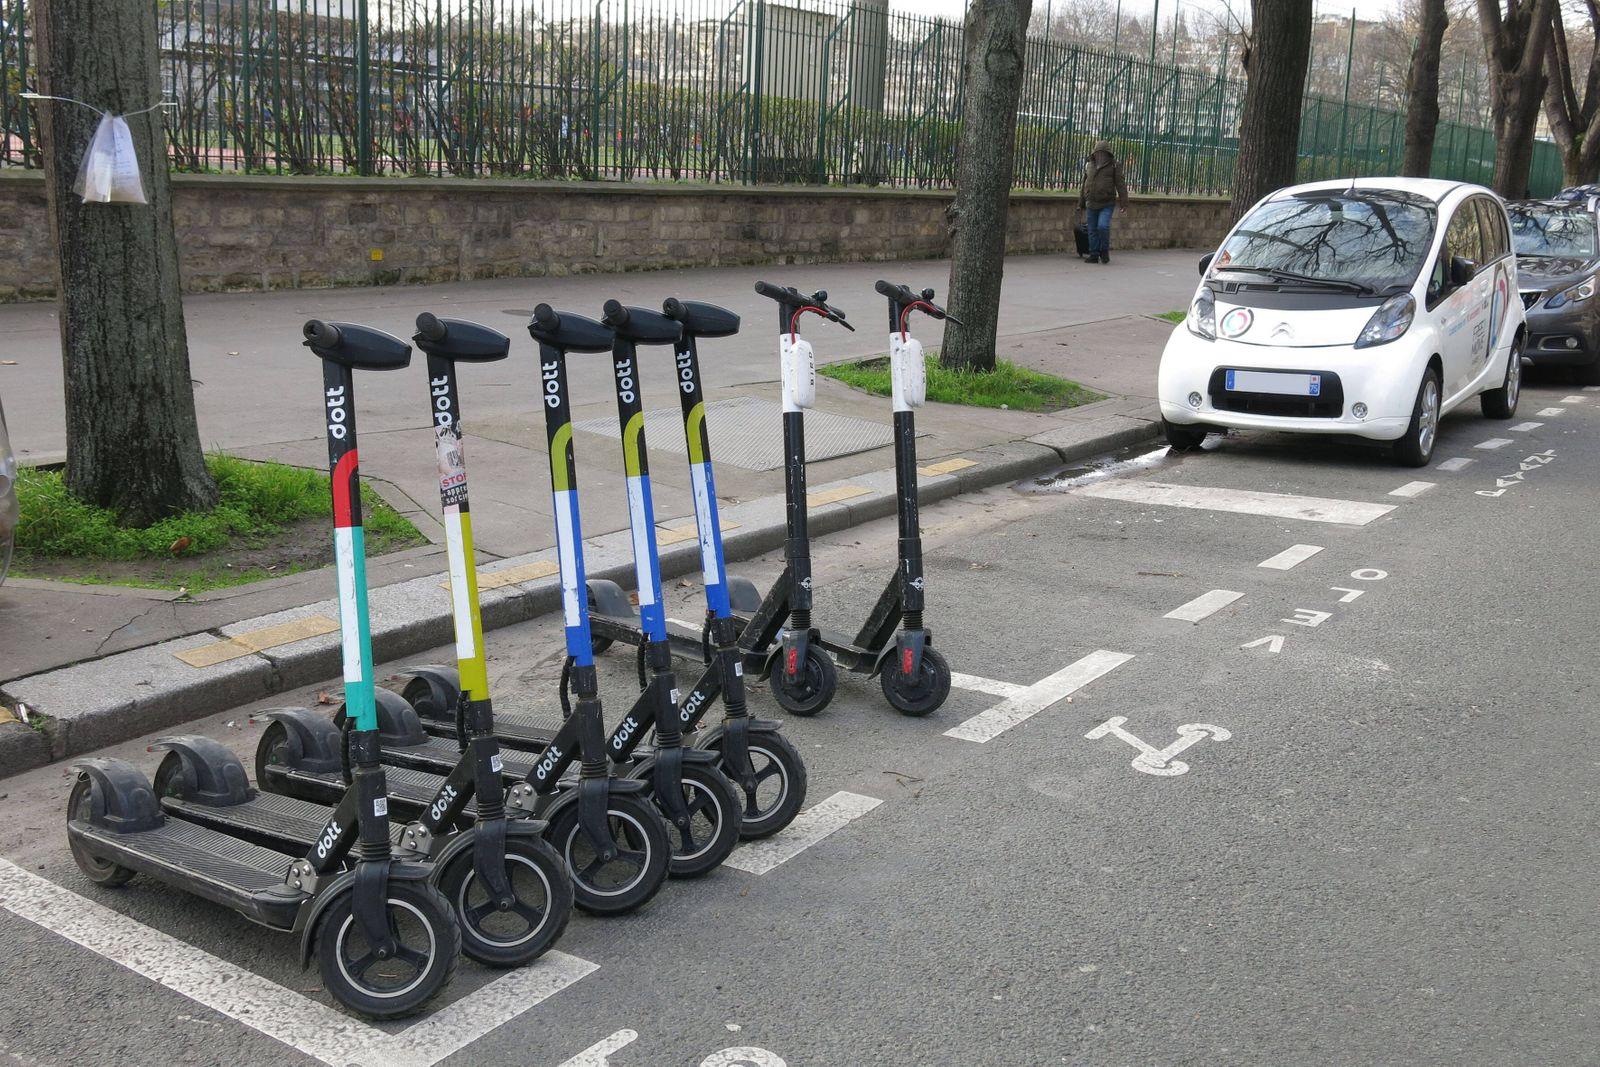 Mehrere Dott (ridedott / EMTransit) und Bird (Bird Rides) Elektroroller (eScooter / E-Scooter / electric scooter / Elekt